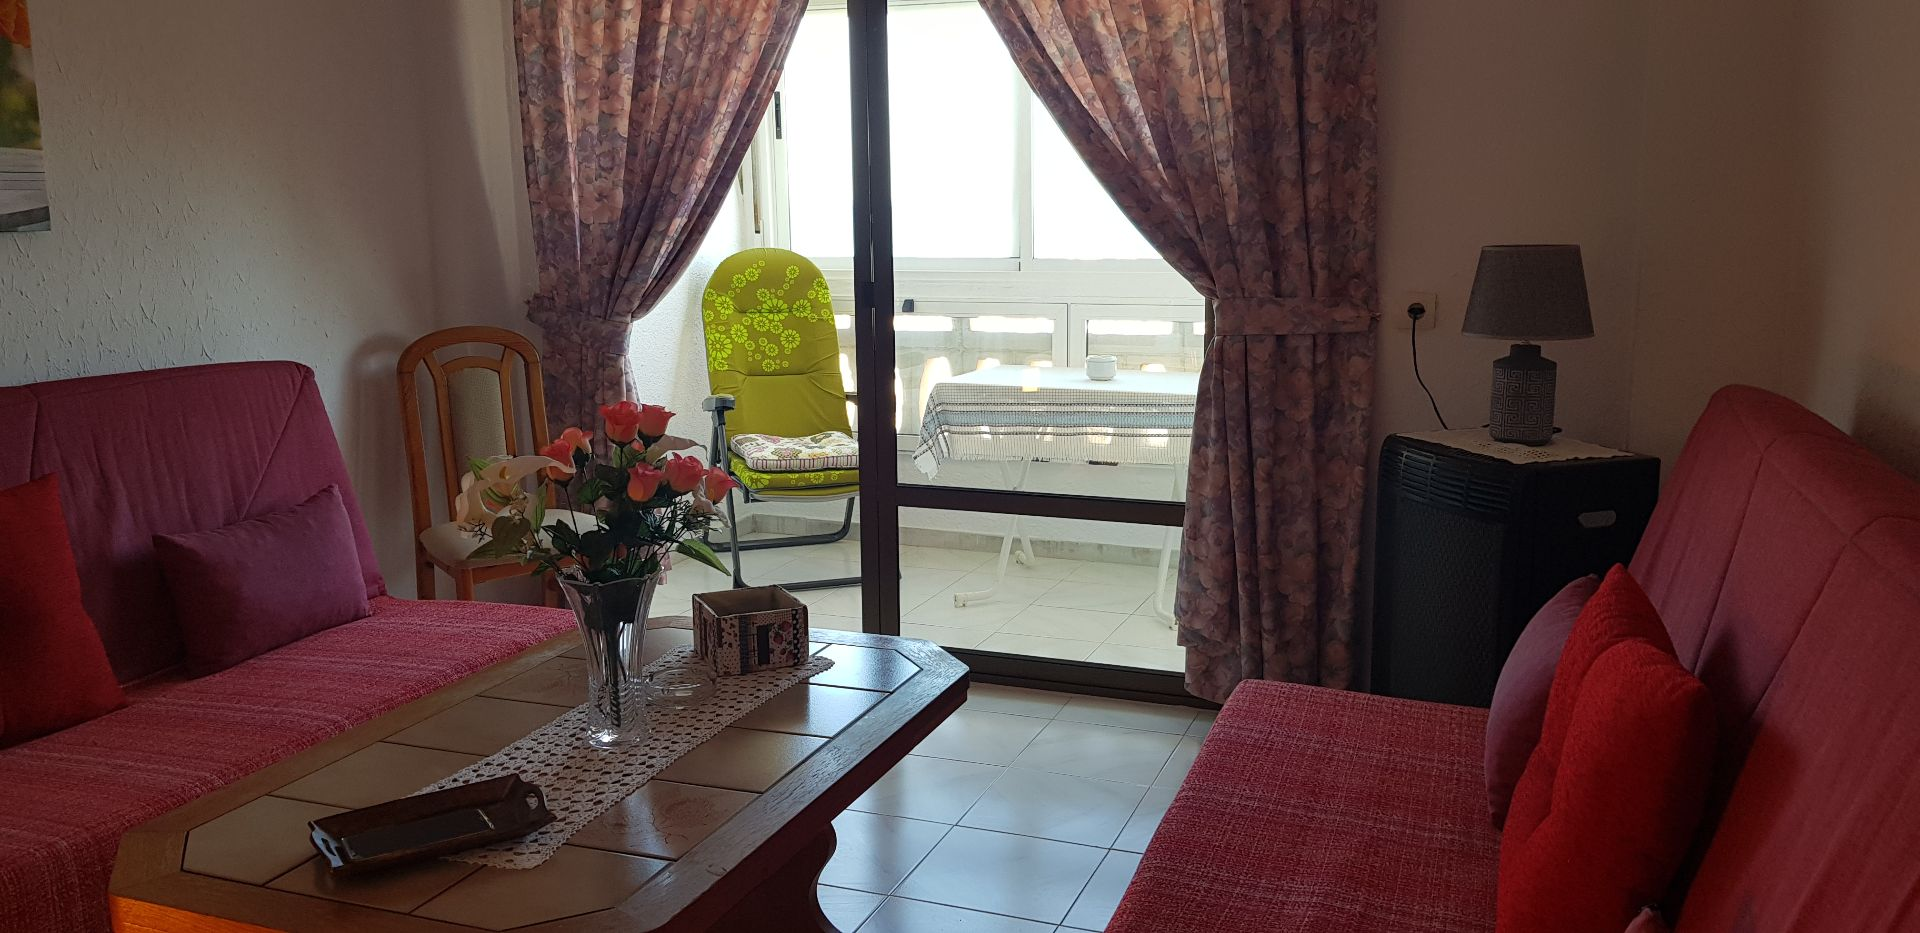 Apartamento en Torrevieja, Torrevieja, venta